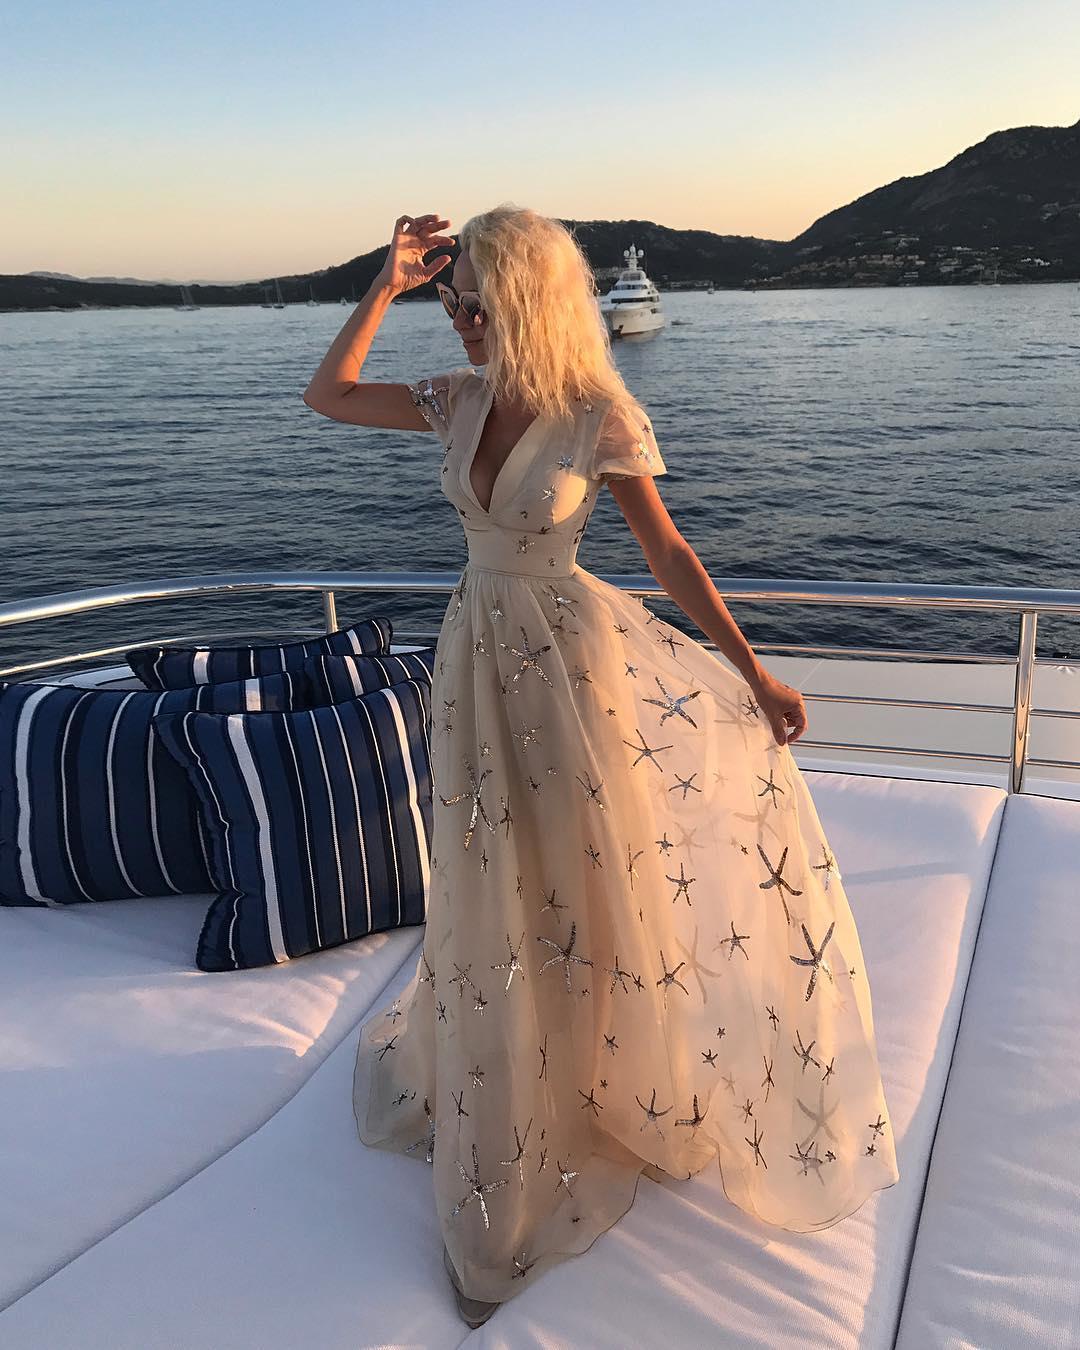 Публичная демонстрация роскошной жизни Яны Рудковской вызывала волну негодования в рядах россиян